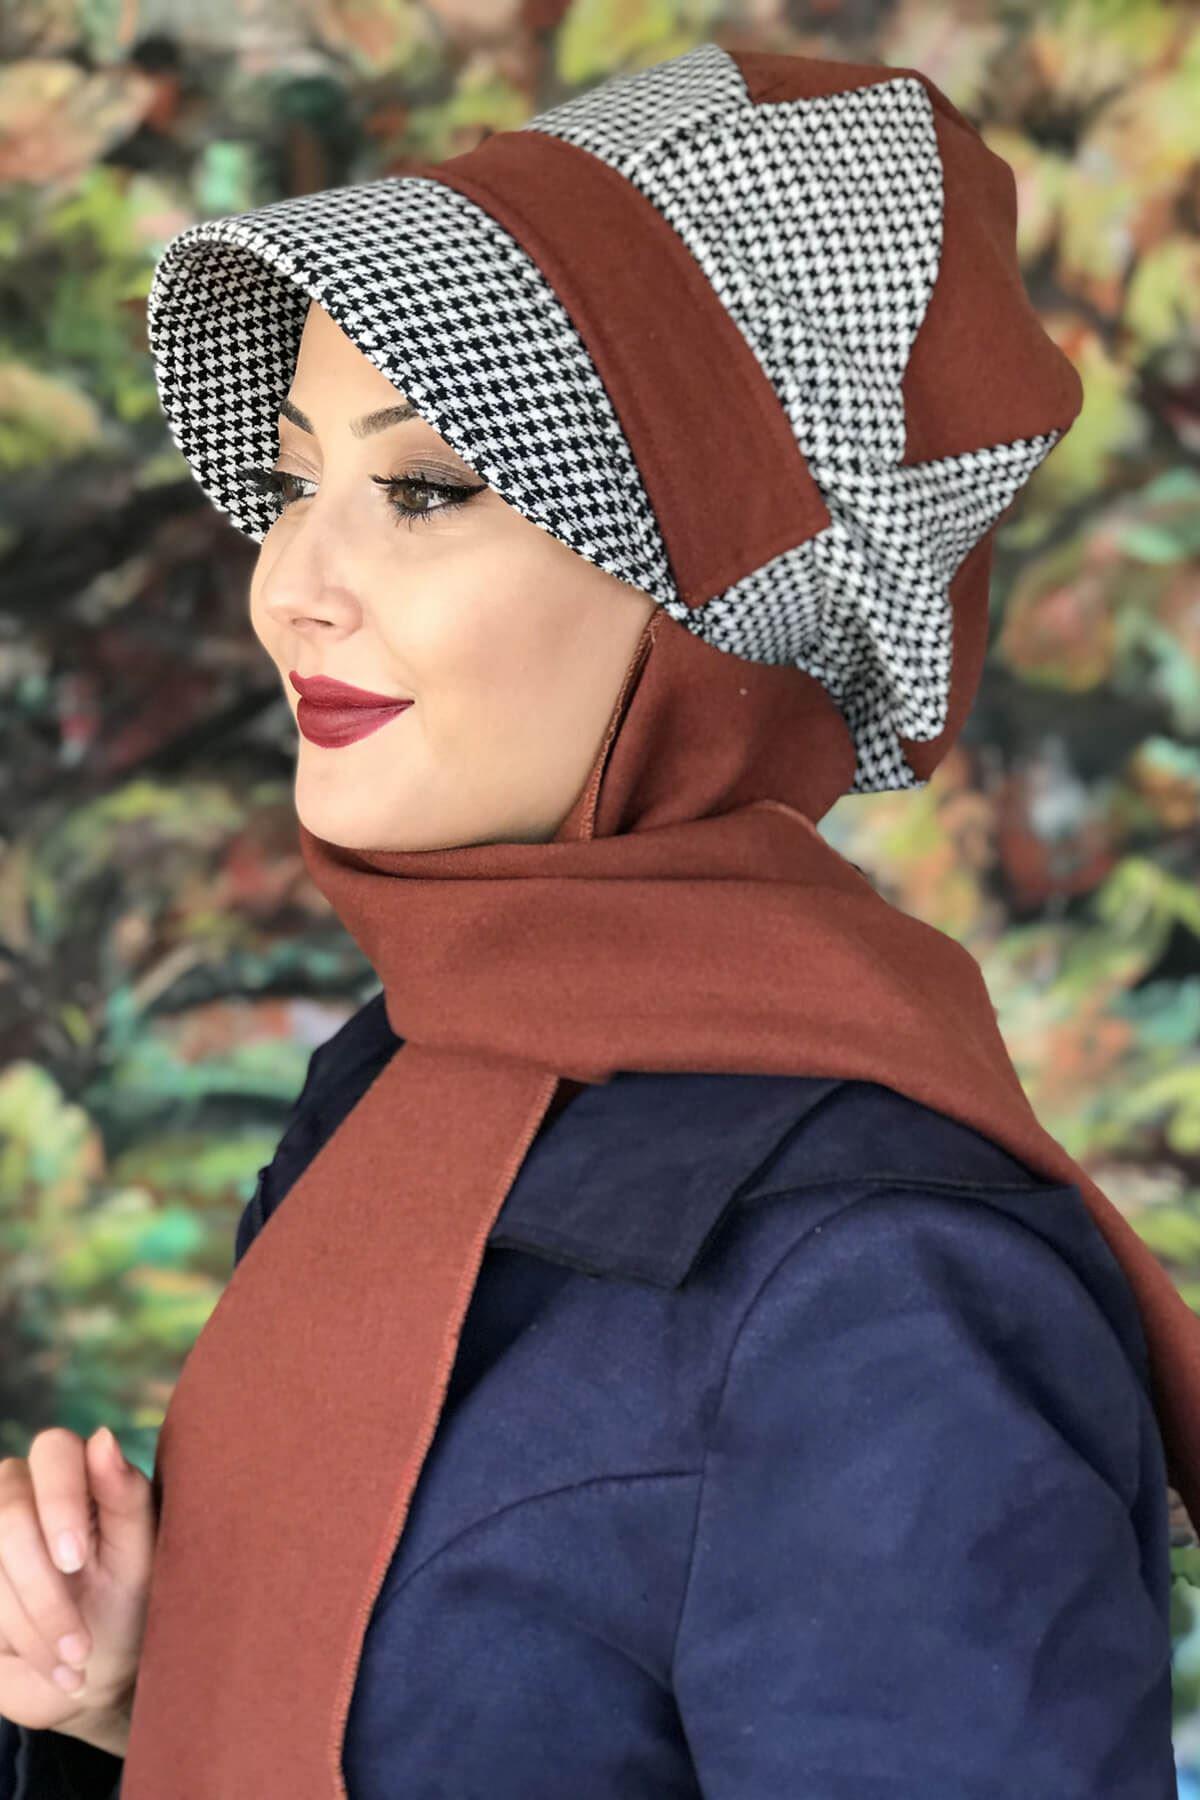 Tarçın Renkli Kaşe Siyah Beyaz Tokalı Şapka Şal